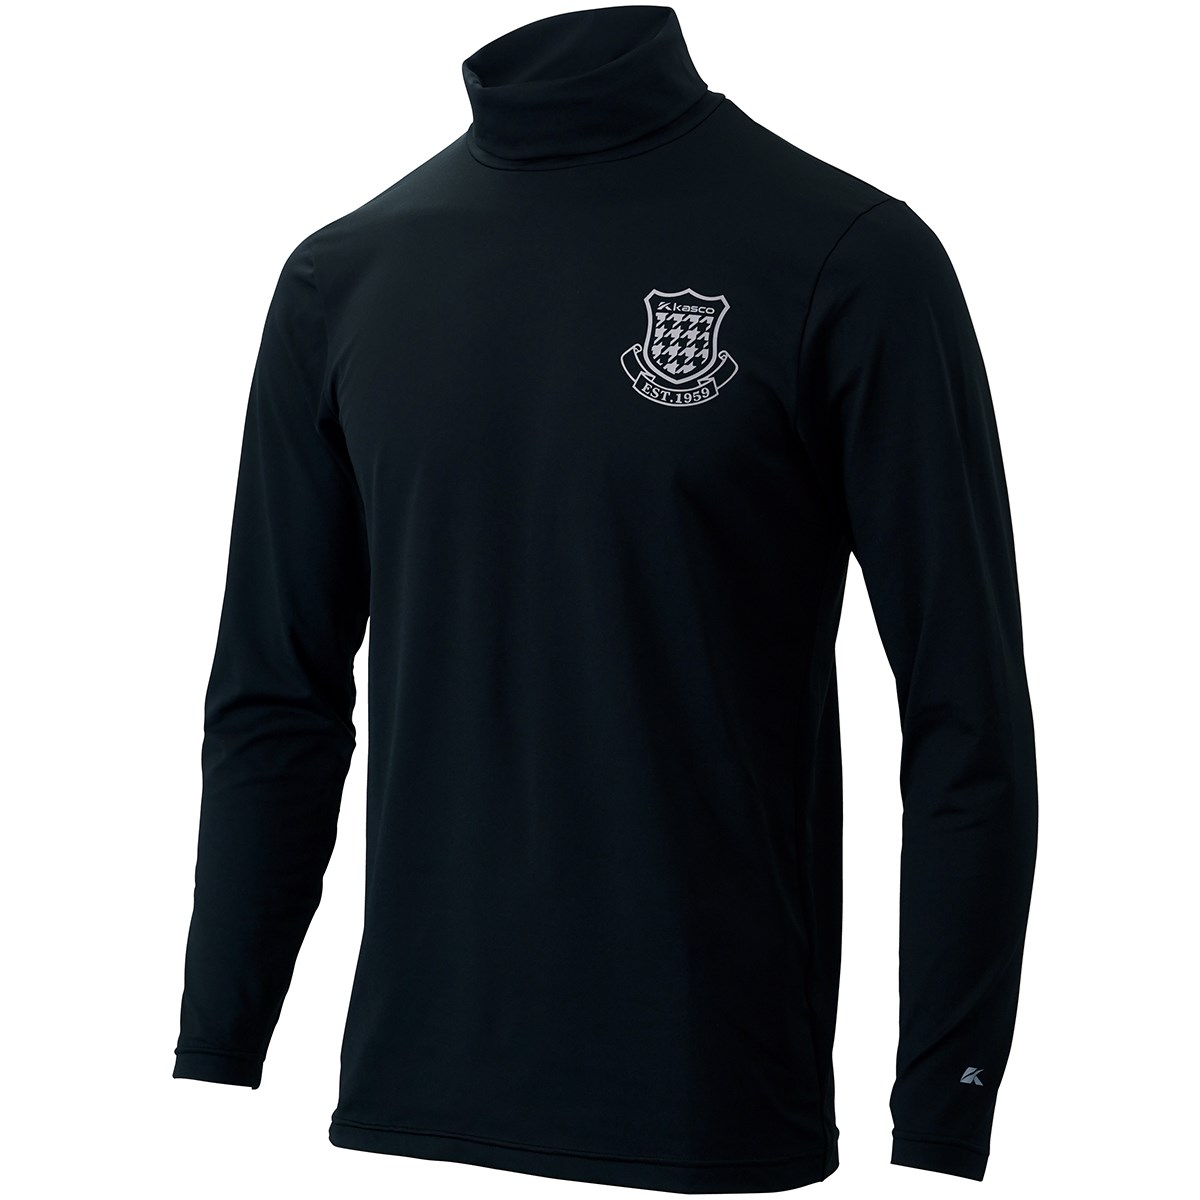 キャスコ KASCO タートルネックシャツ M ブラック